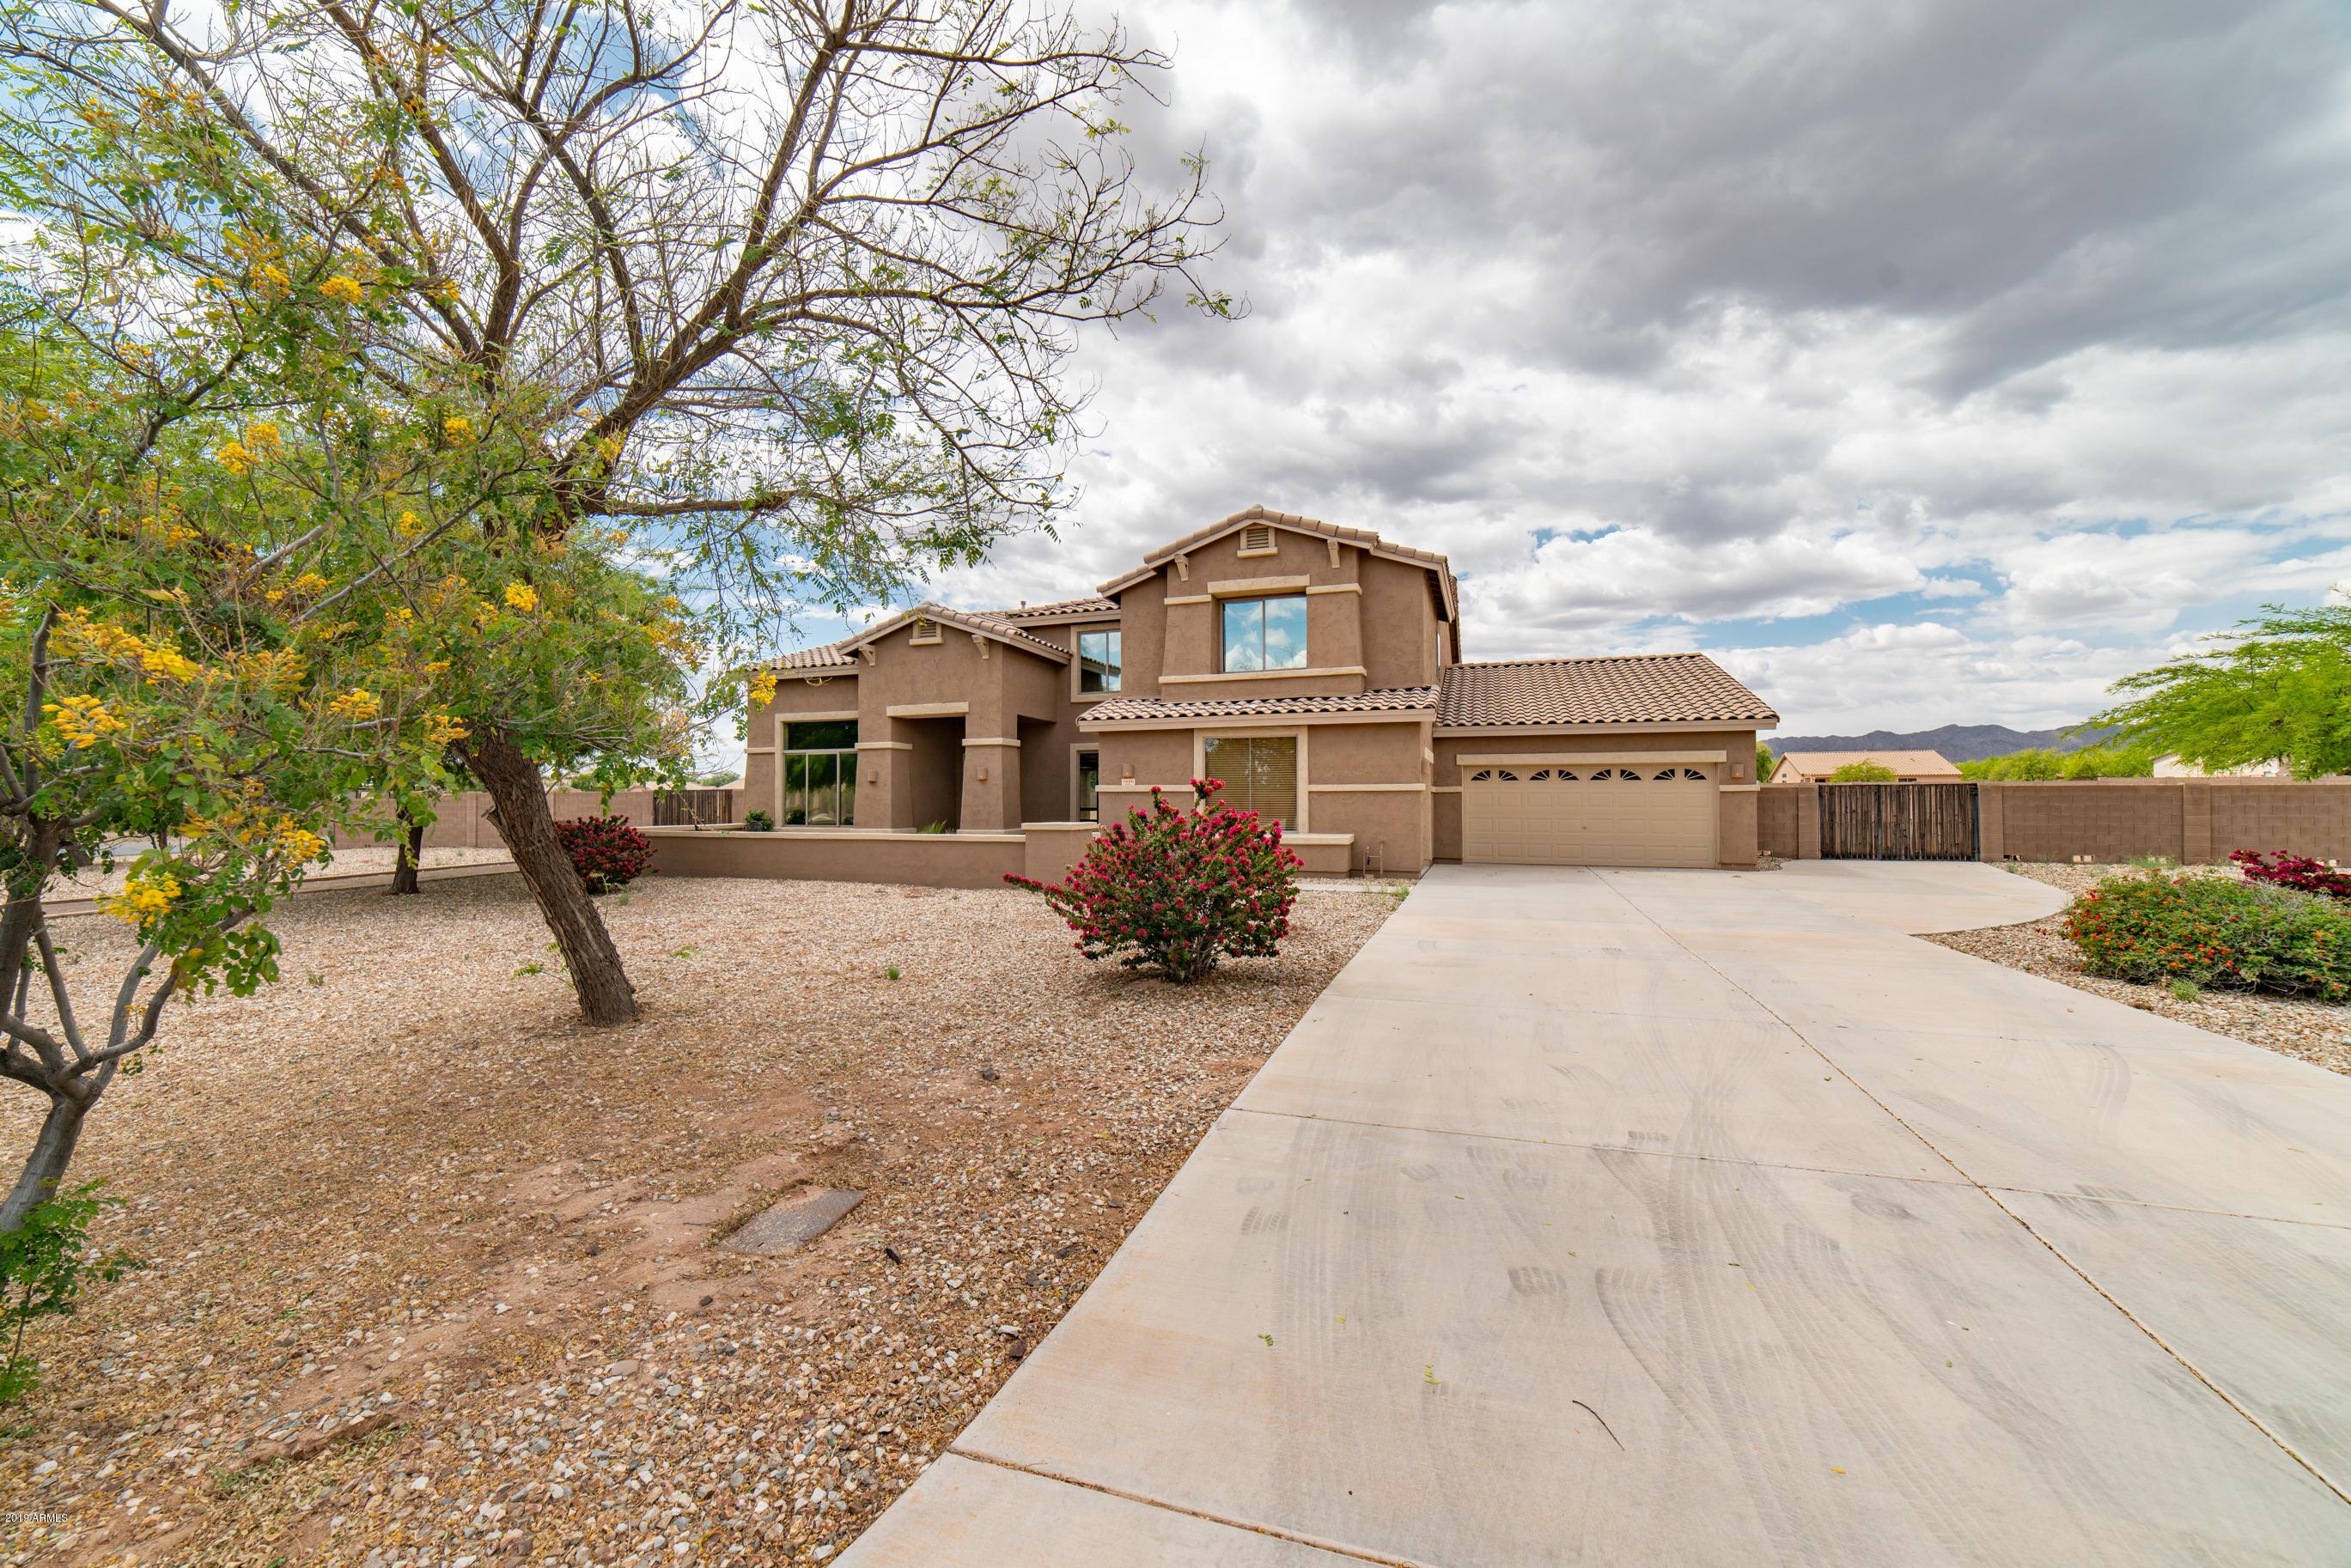 Photo of 3606 N 188TH Avenue, Litchfield Park, AZ 85340